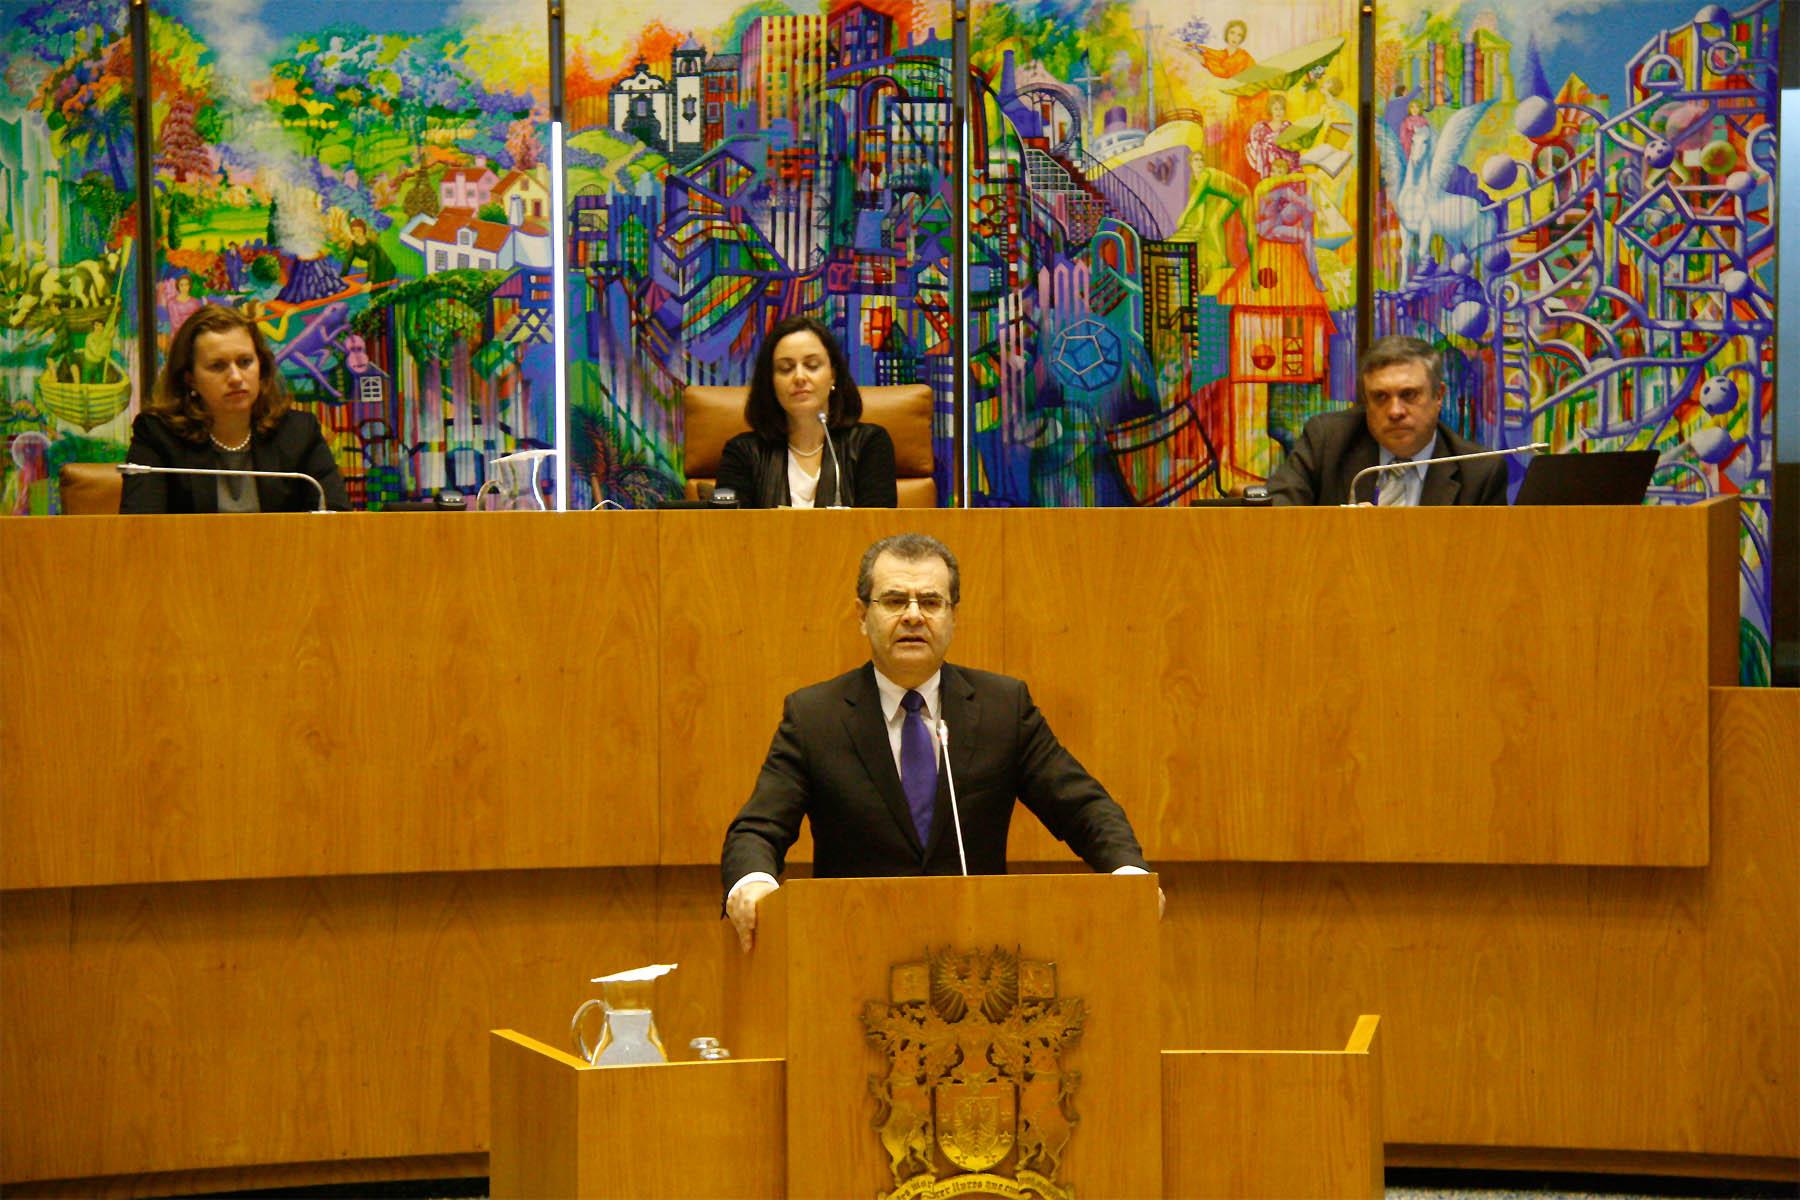 Avelino Meneses afirma que Educação, Cultura e Desporto são prioridades para o Governo dos Açores